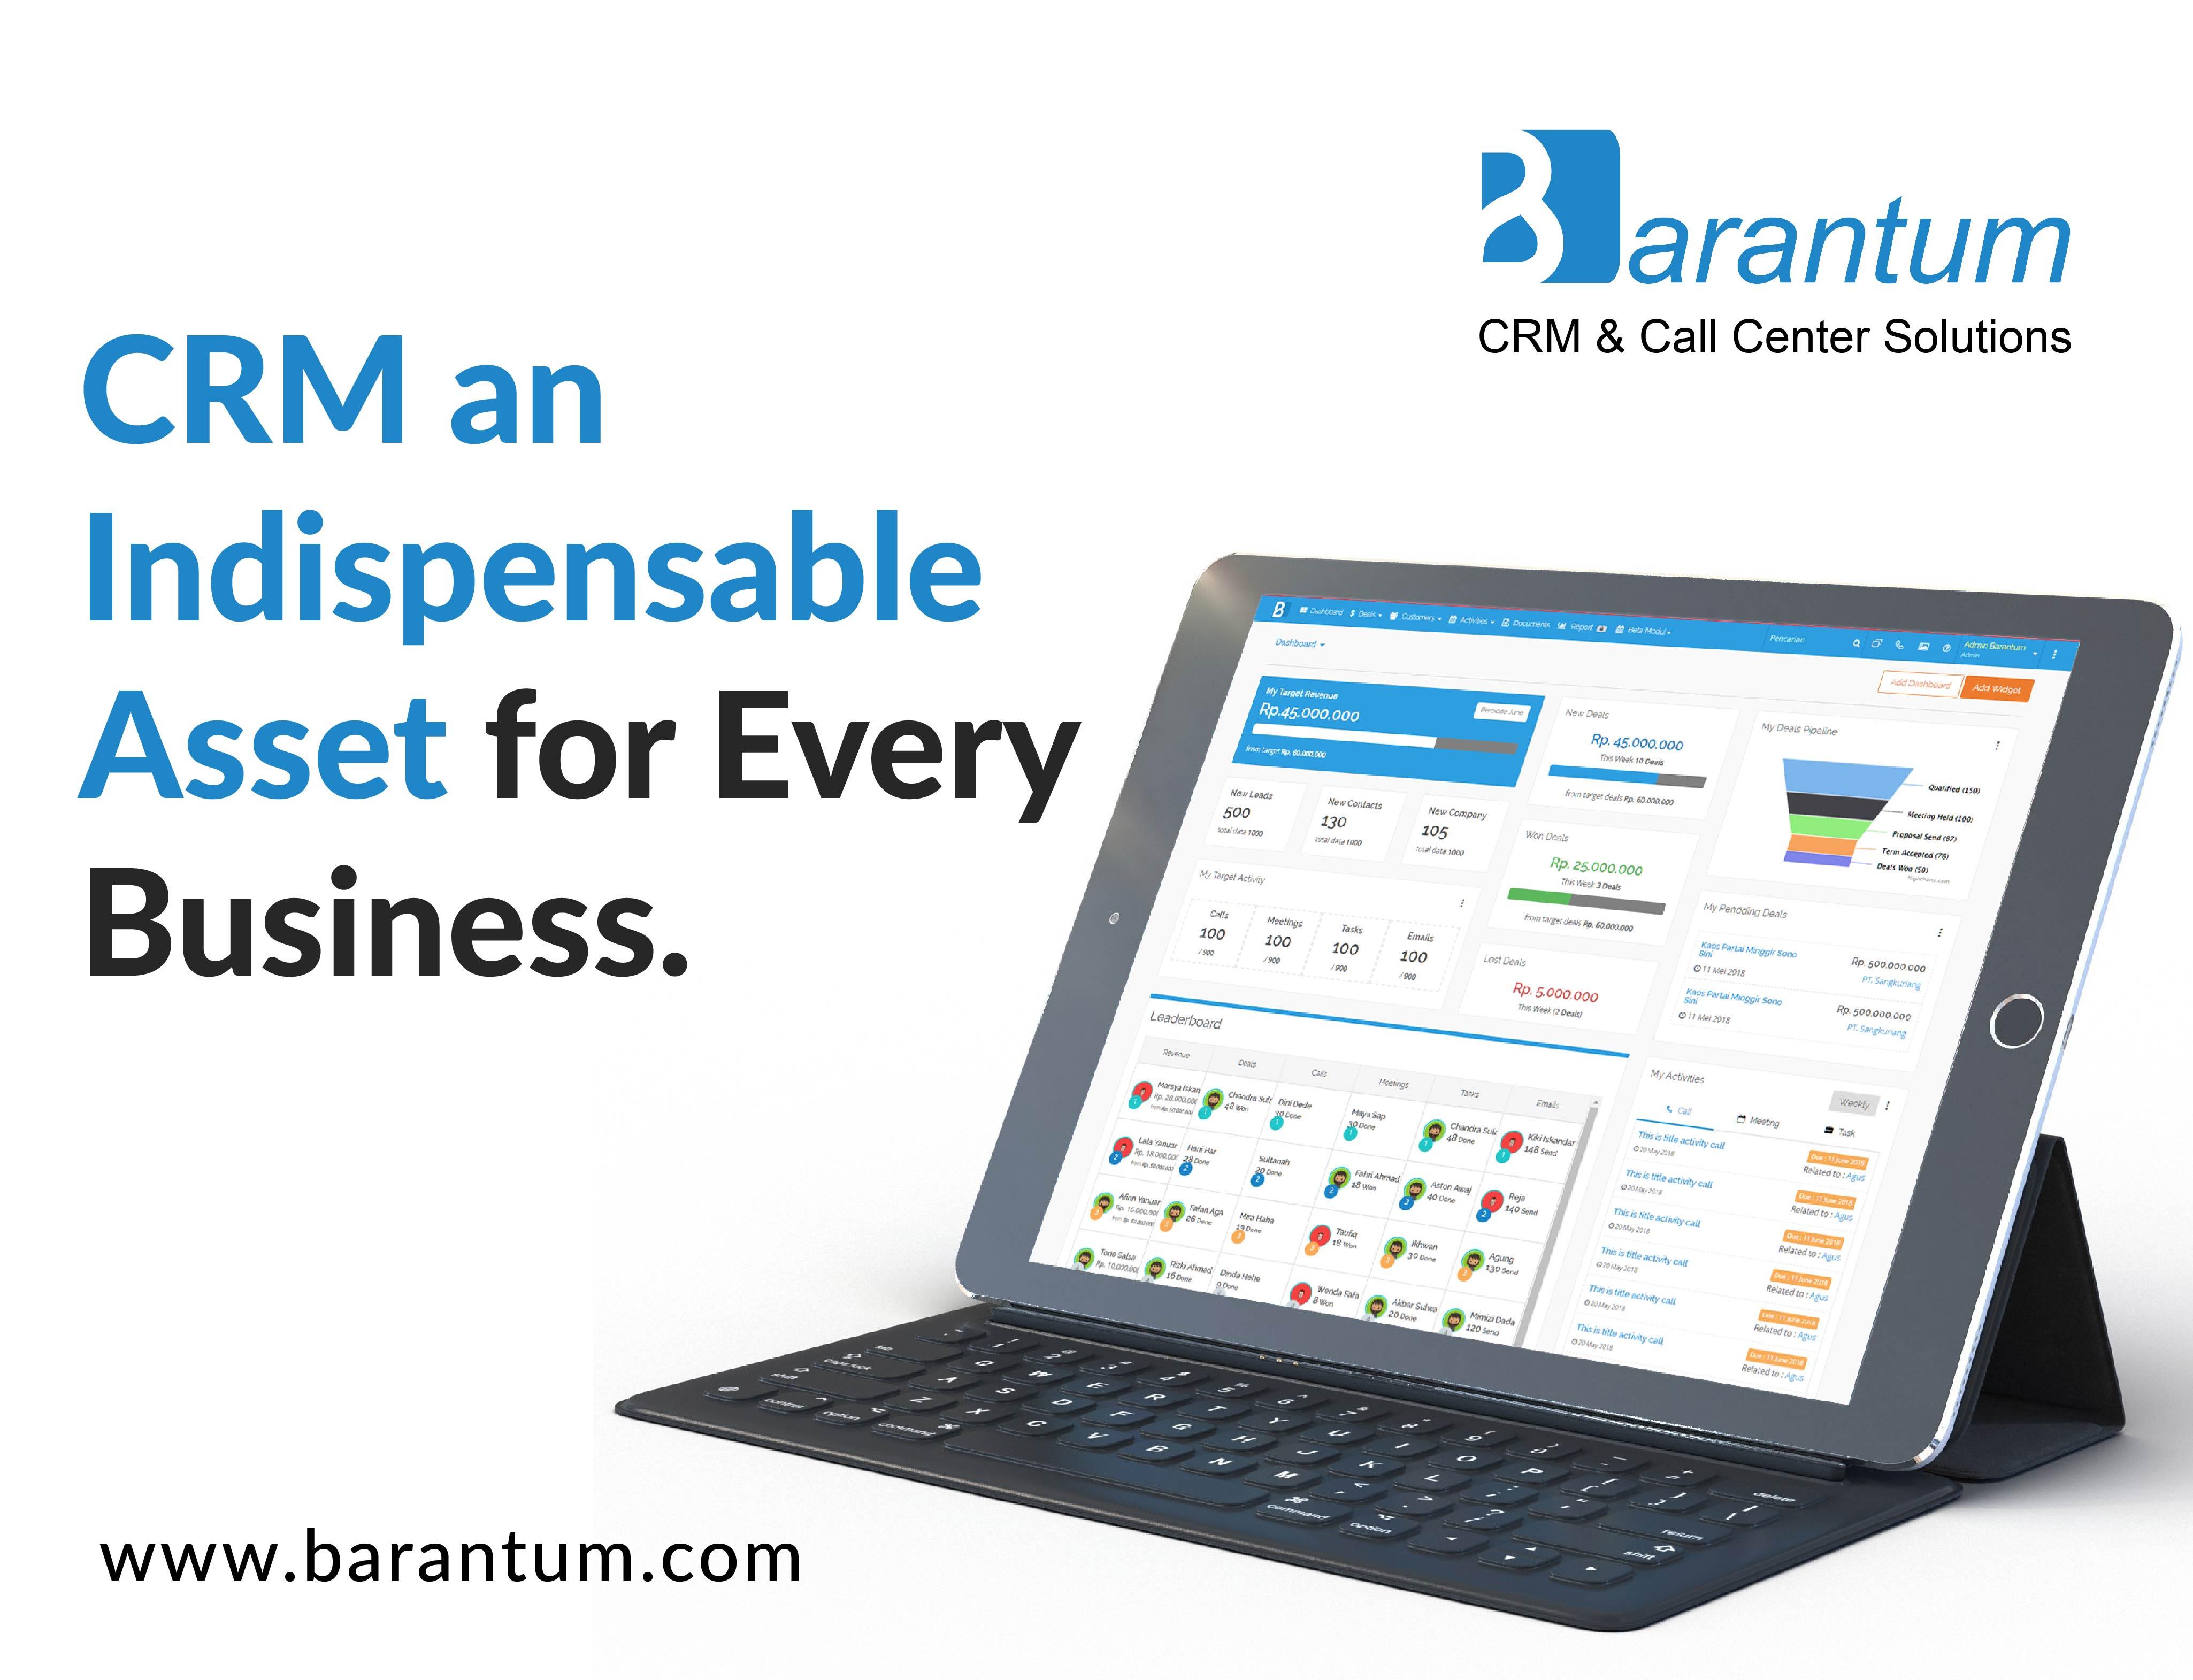 Strategi Pemasaran dengan CRM